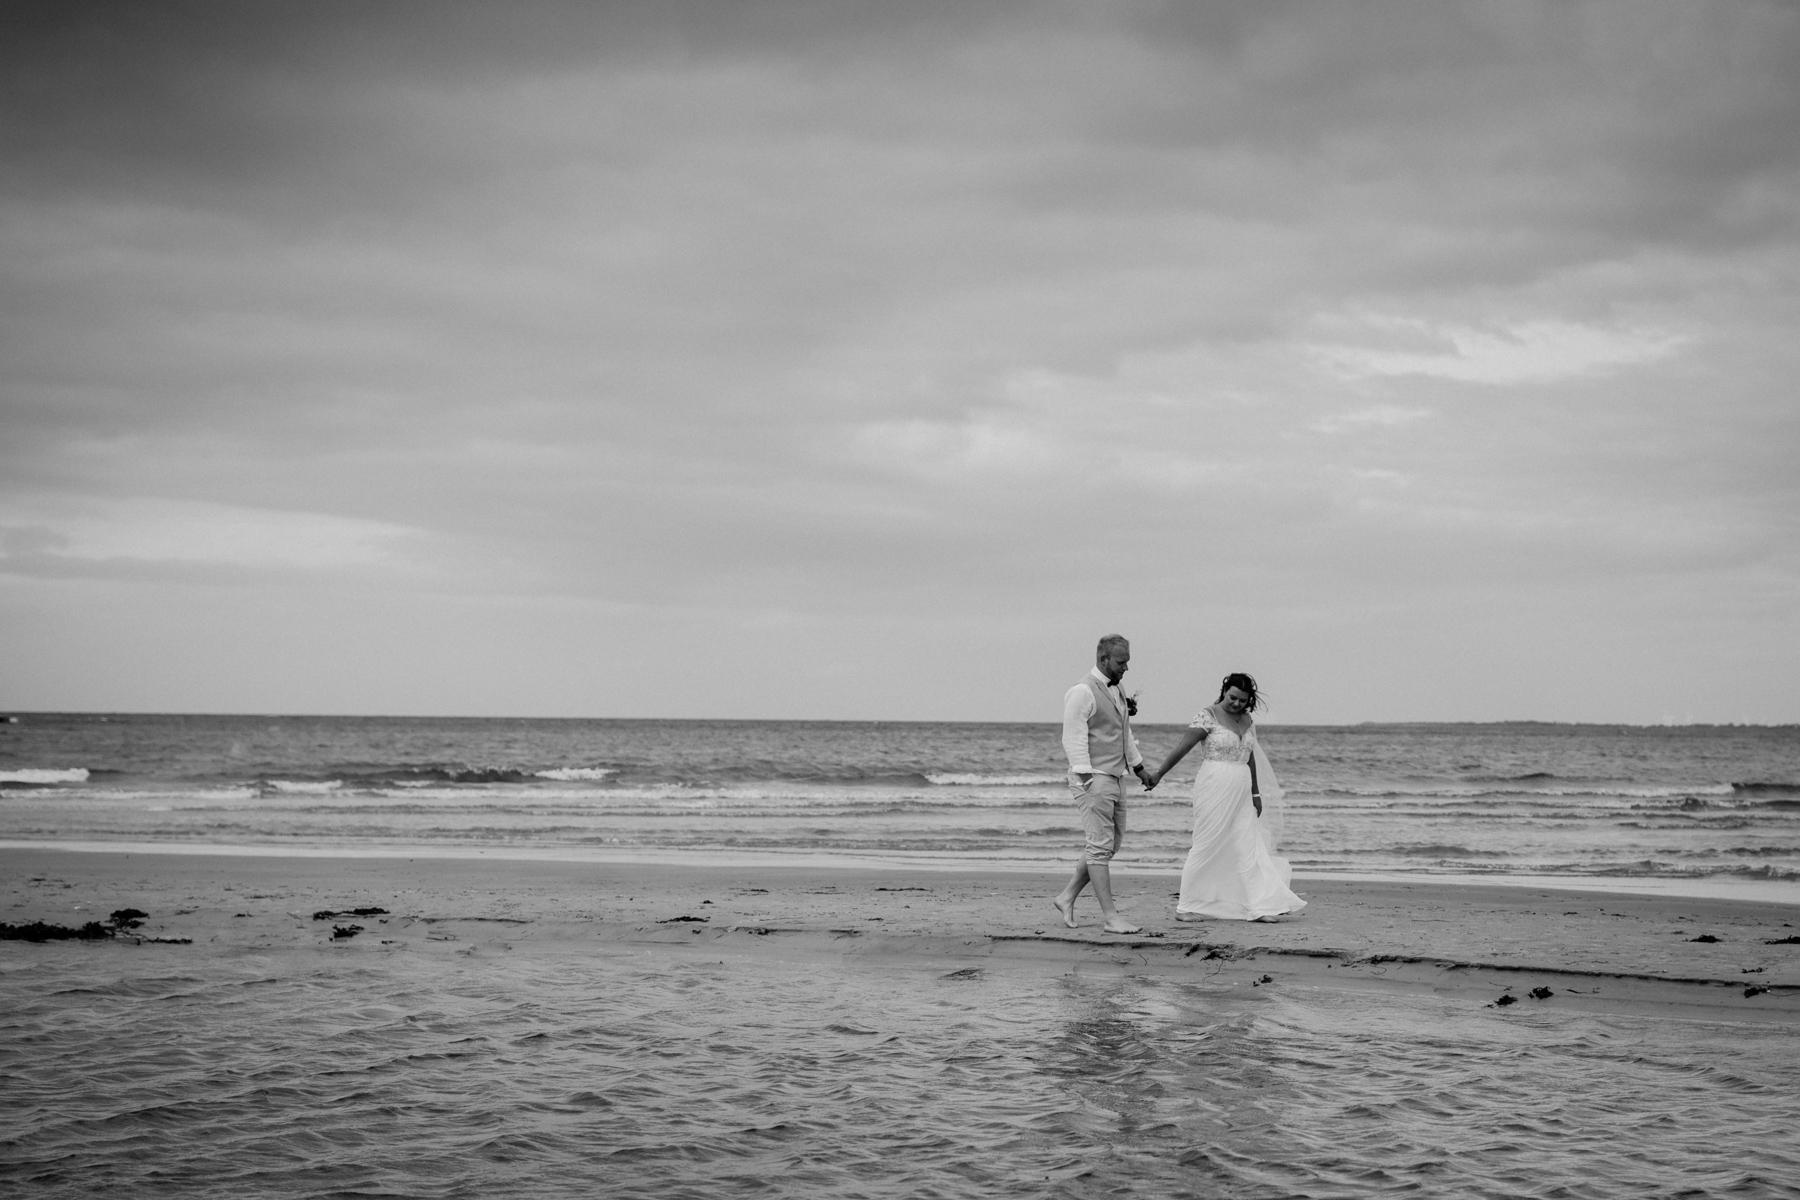 Hochzeitsfoto im Wasser